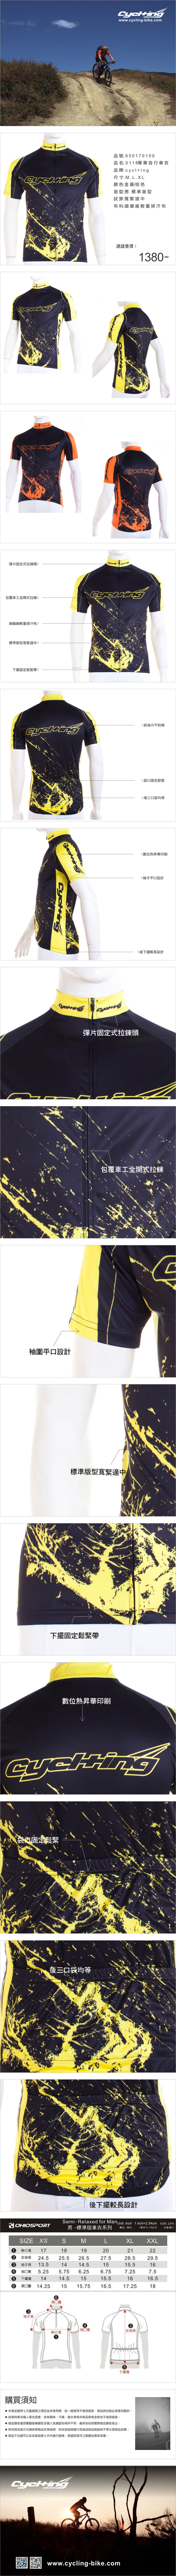 650170100-0118專業自行車衣